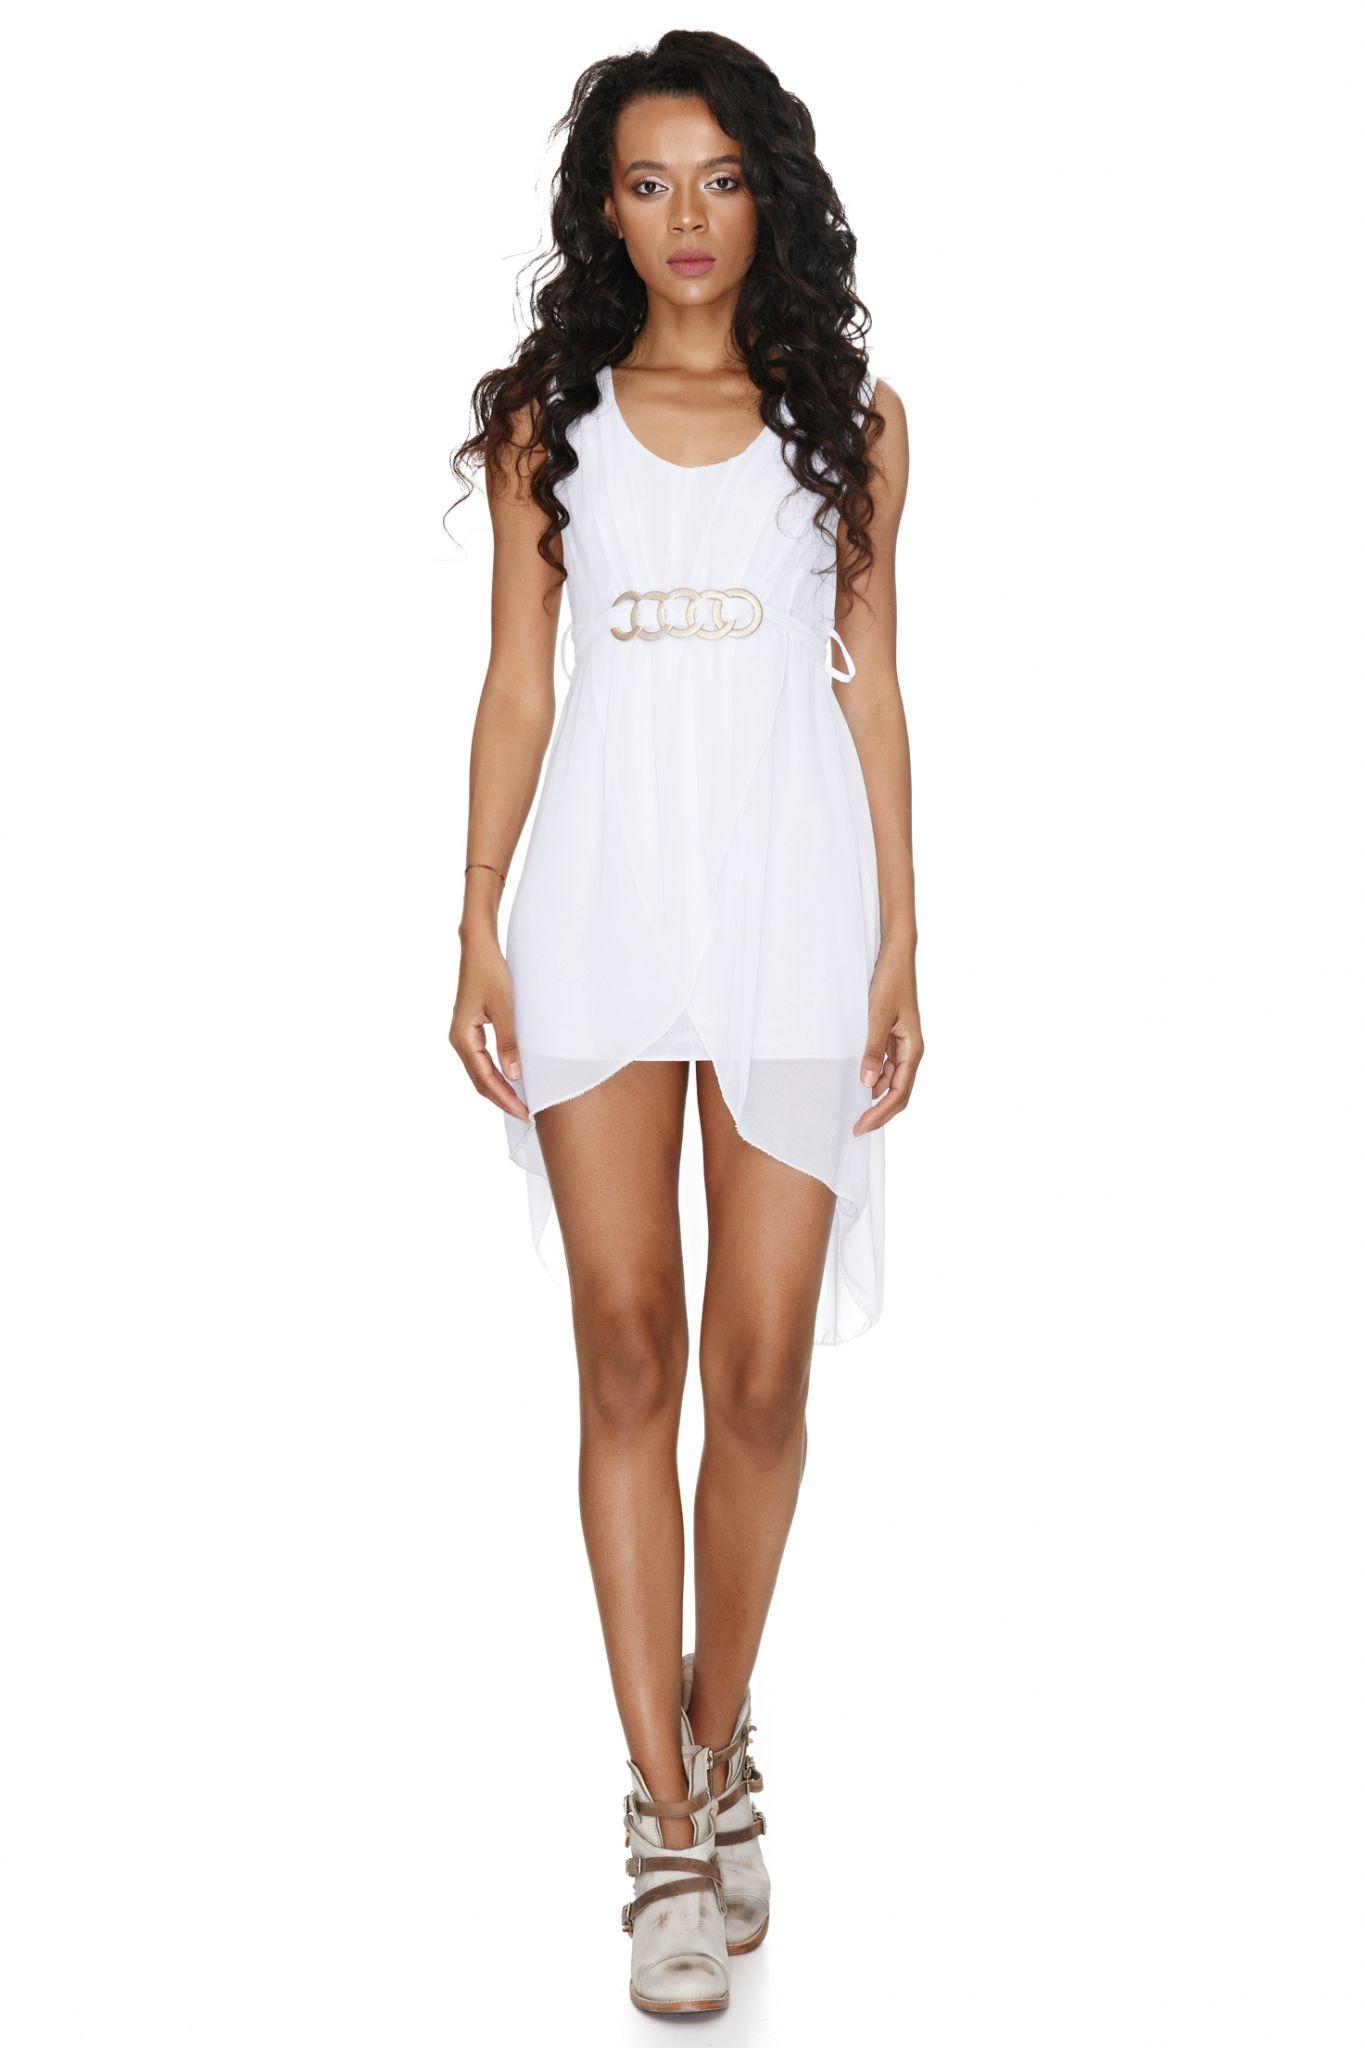 Abies White Beach Dress Vero Milano In 2020 Beach White Dress Beach Dress Designer Beach Wear